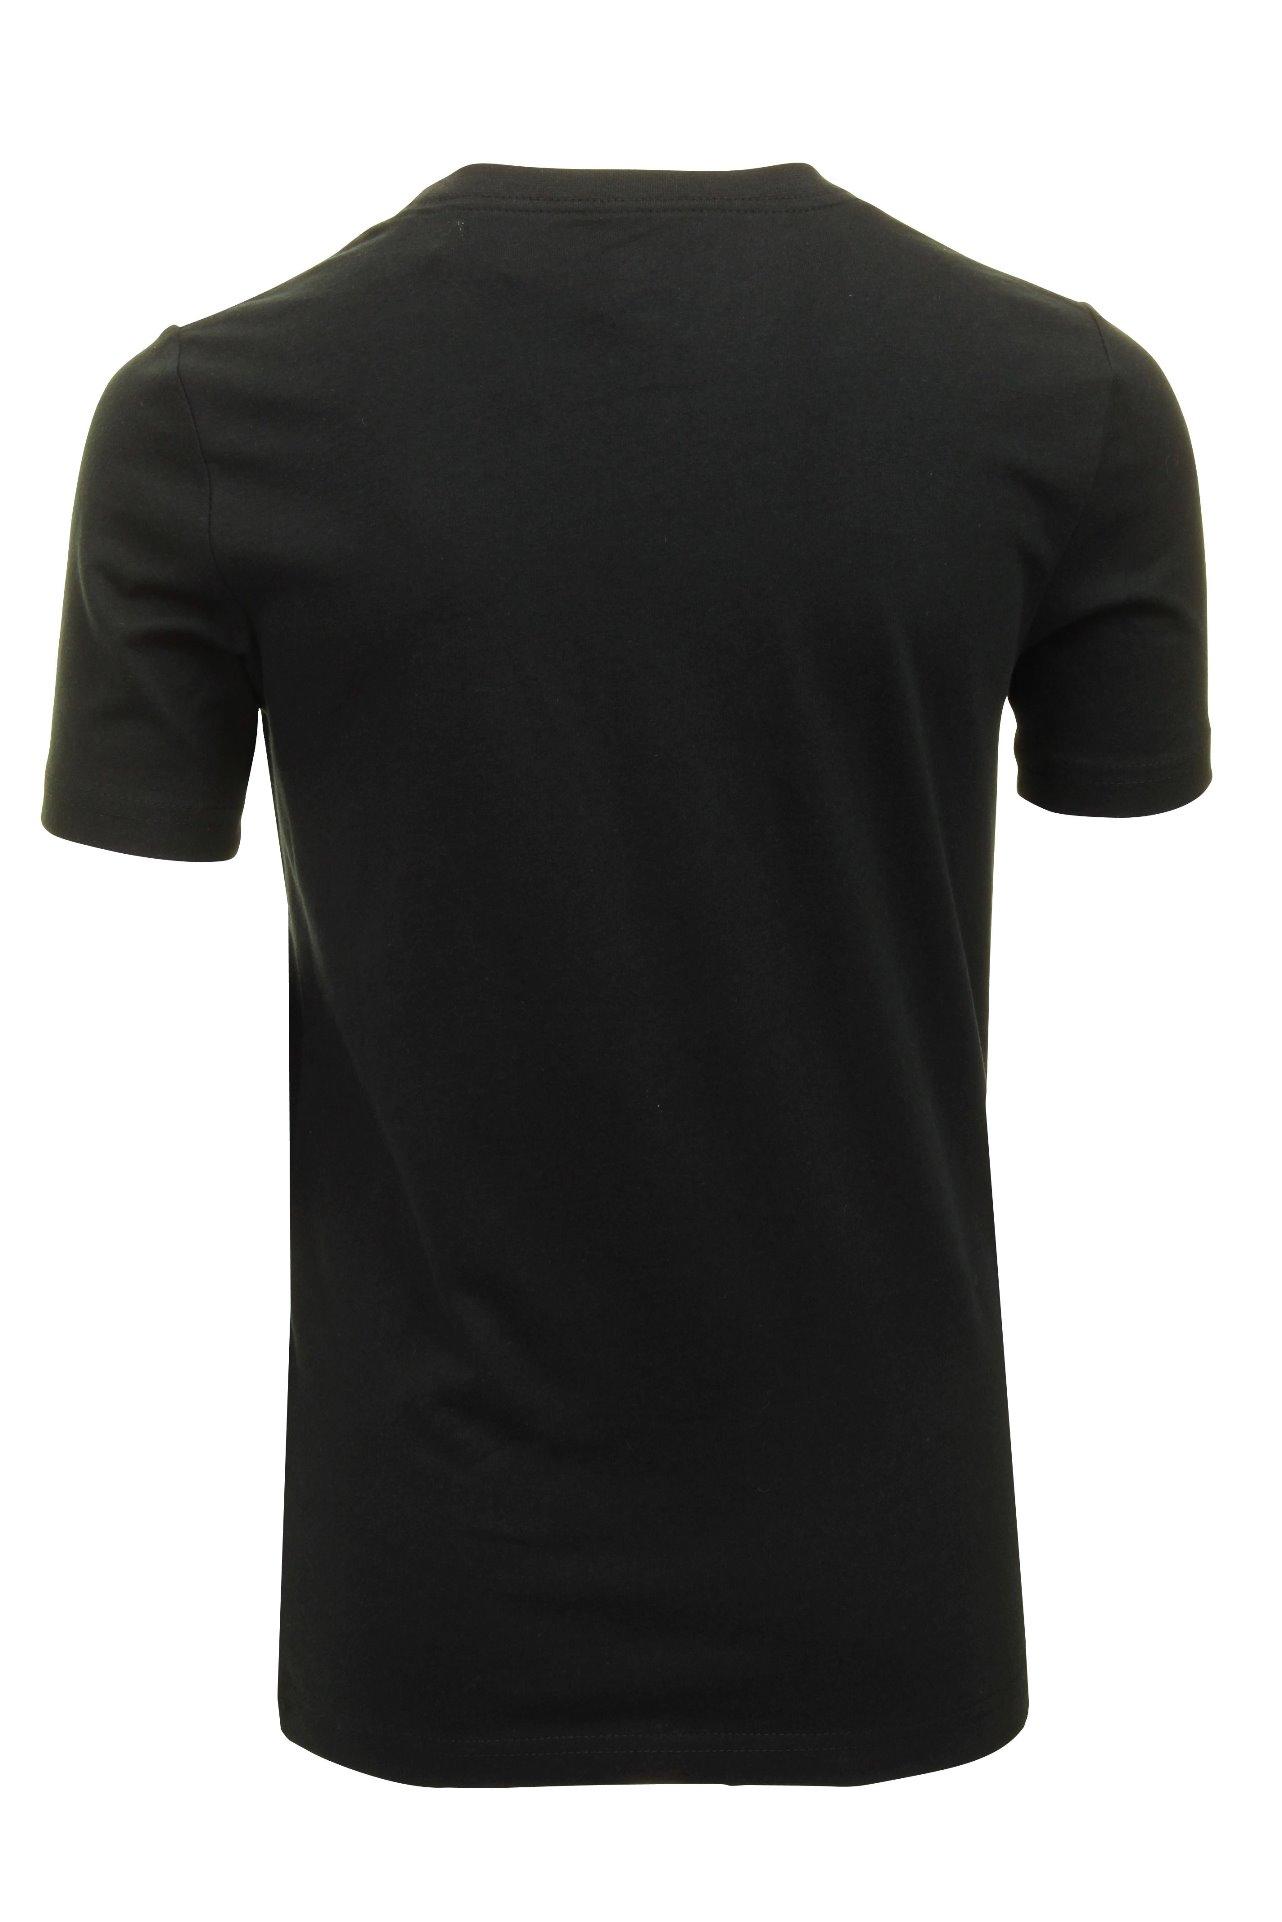 Converse-Boys-Chunk-Patch-T-Shirt thumbnail 4